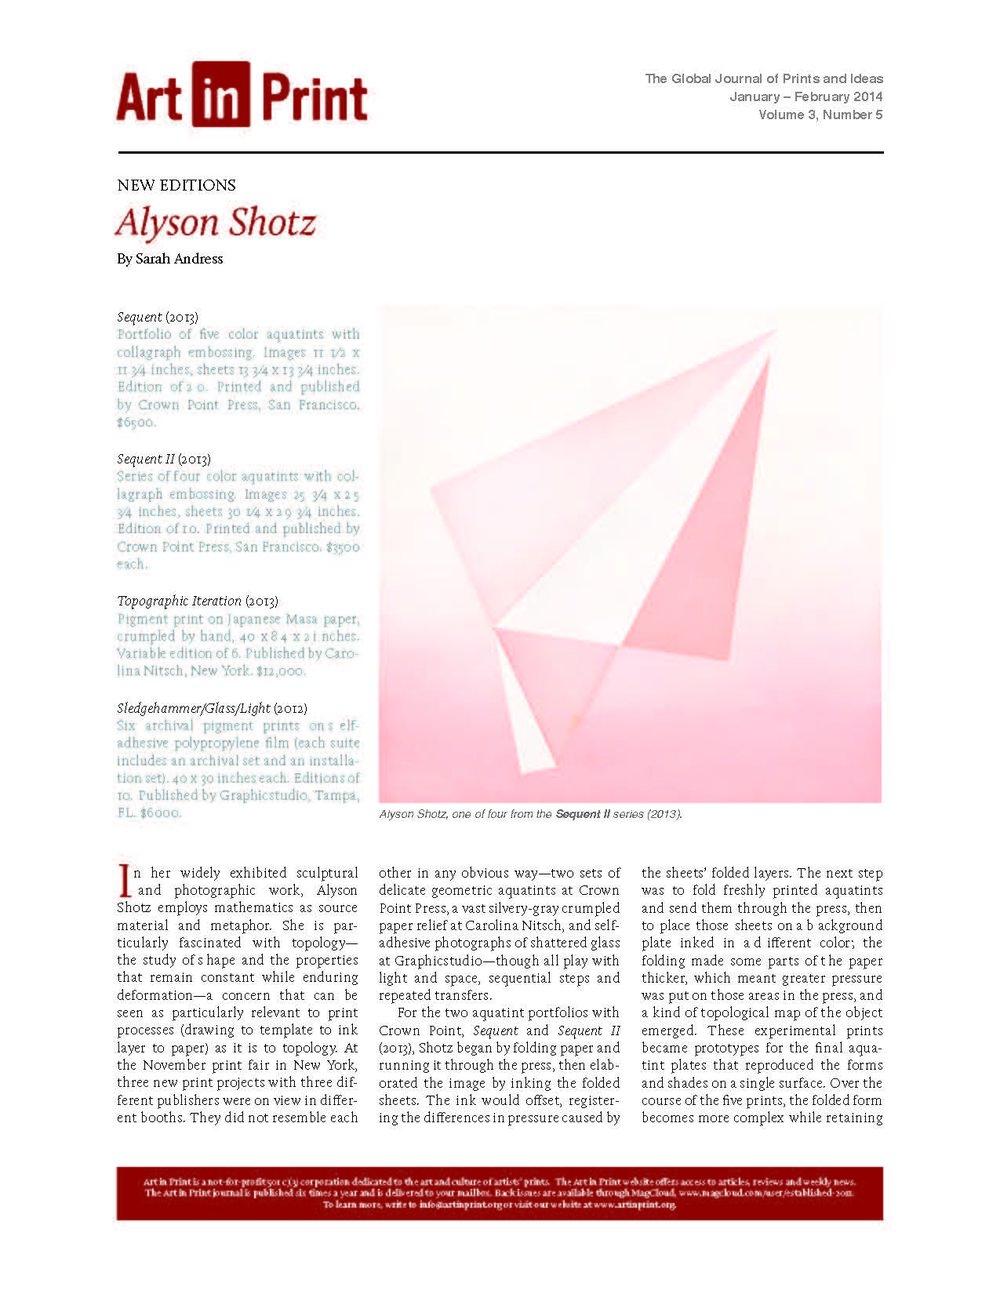 Art in Print: February, 2014